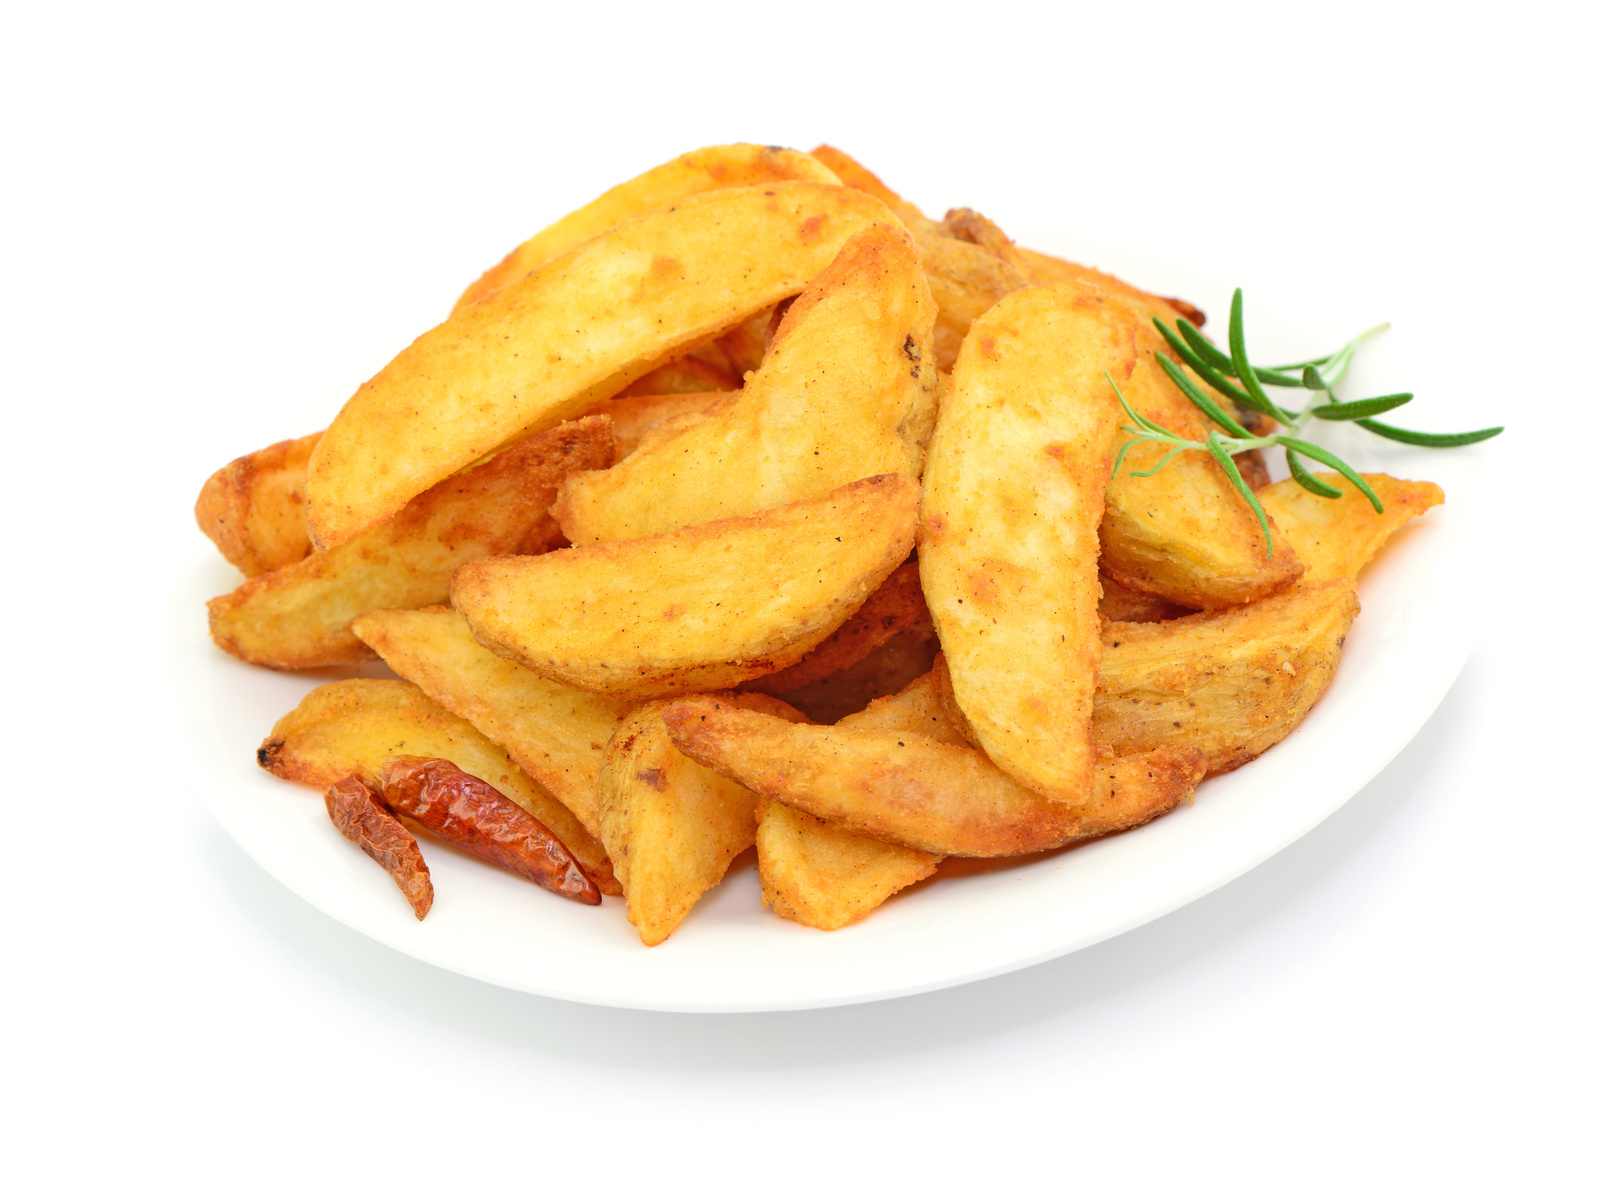 M patatas fritas